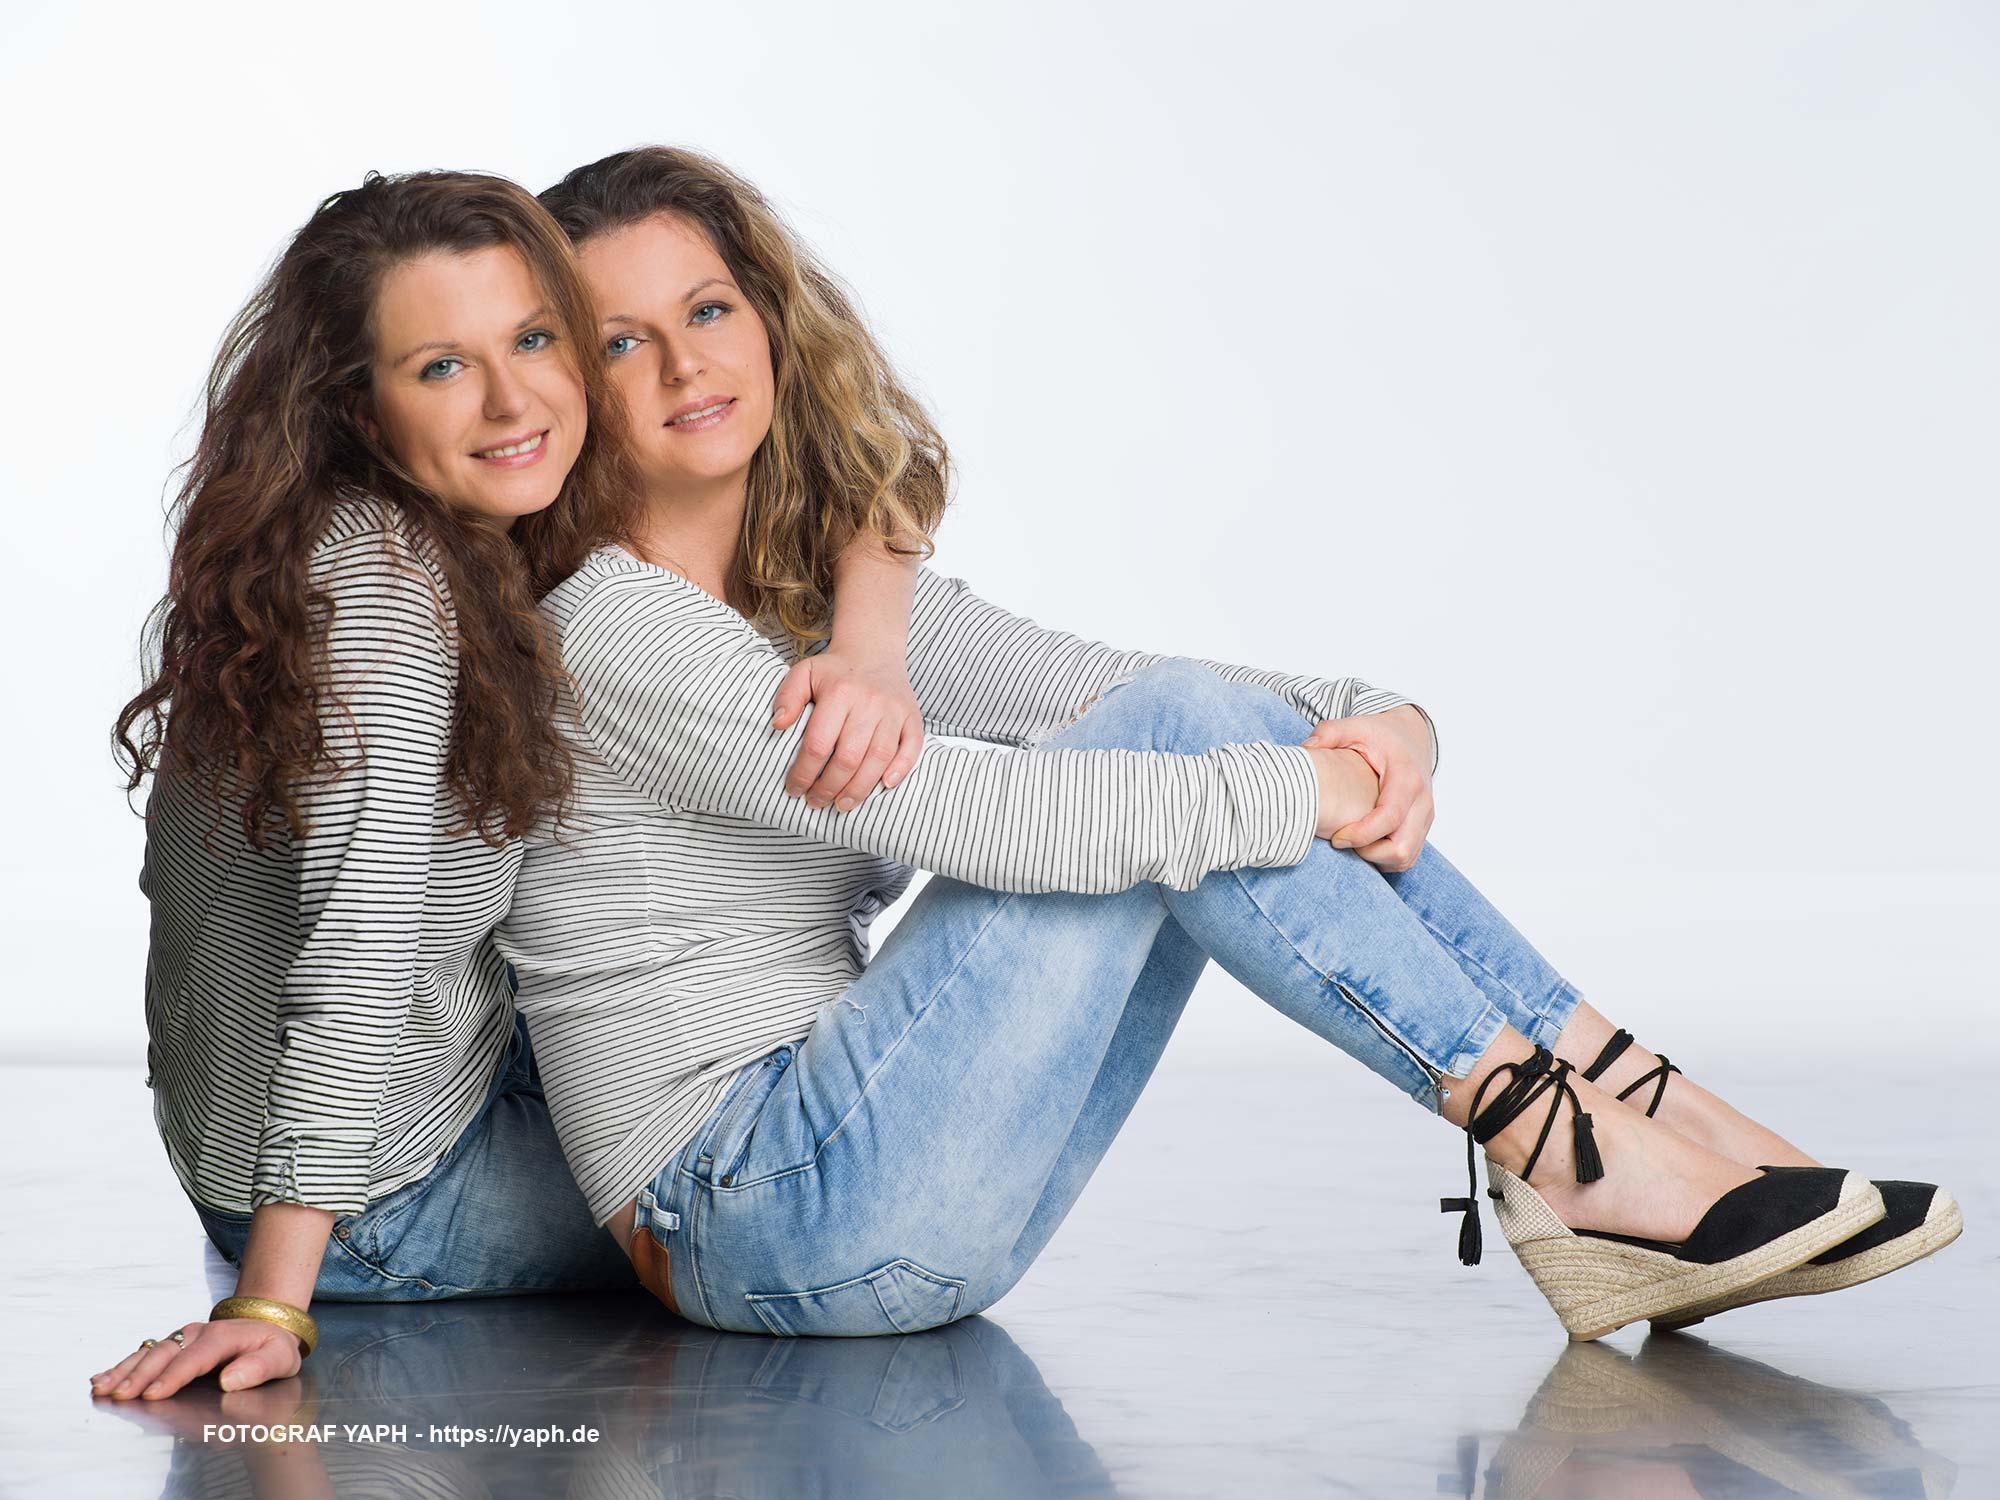 Beauty Fotoshooting mit zwei Zwillingsschwestern Anna und Lotte im Fotostudio Yaph